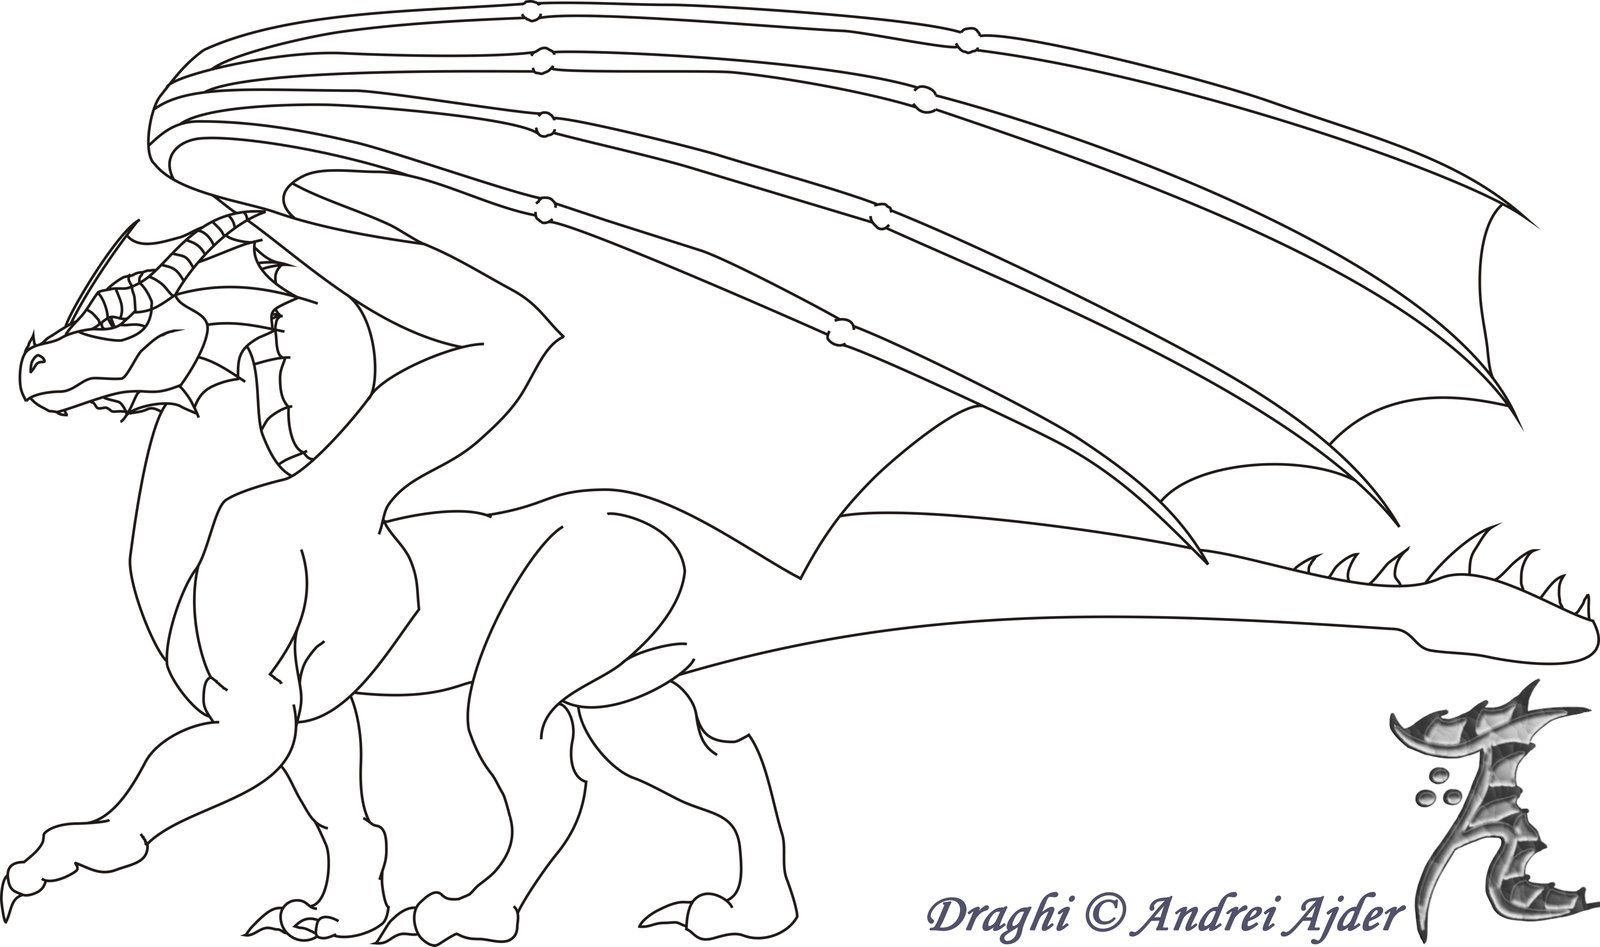 Risultati immagini per draghi da colorare | Draghi | Pinterest